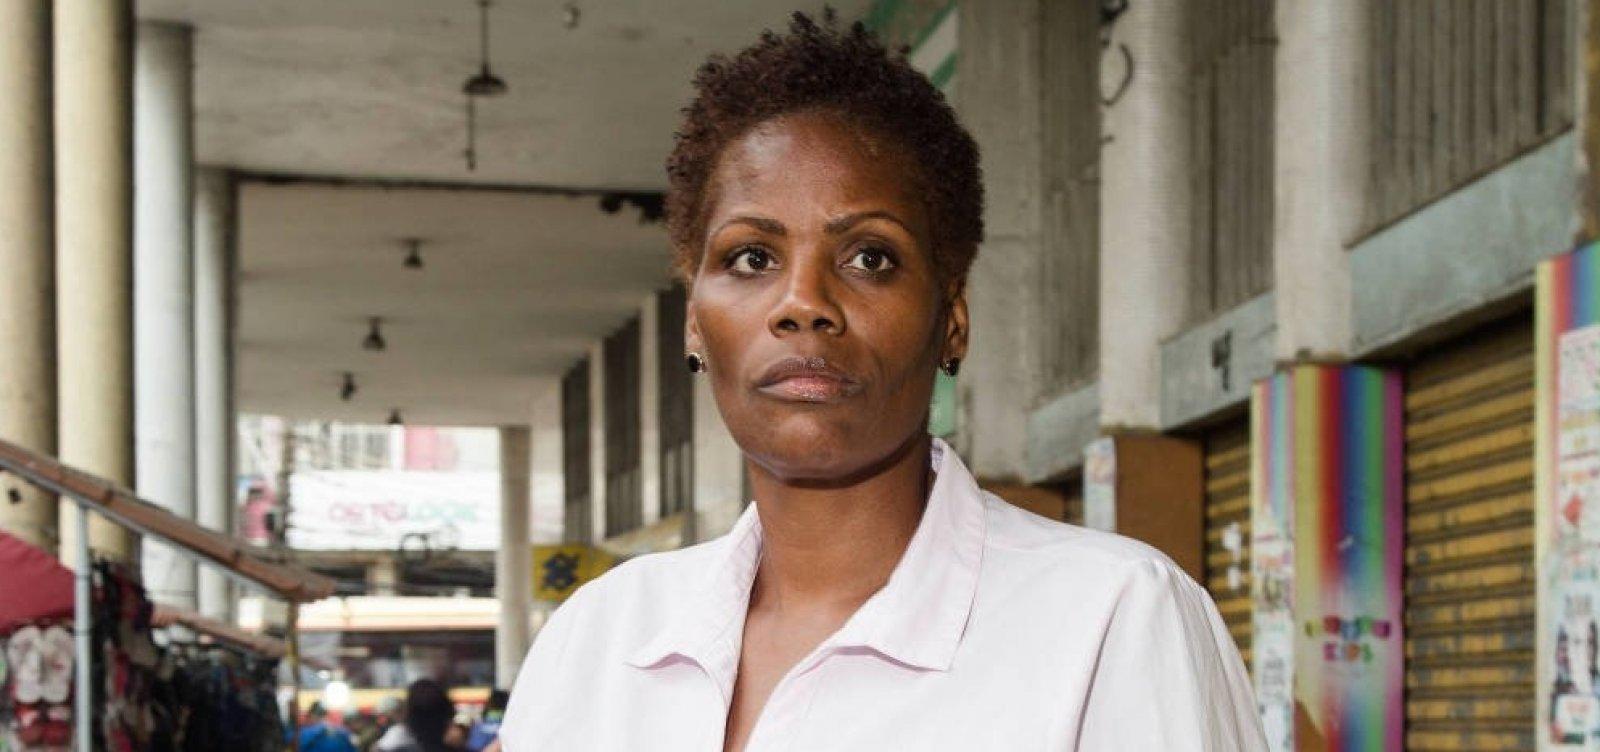 Comissão conclui que não houve abuso em caso de advogada negra algemada